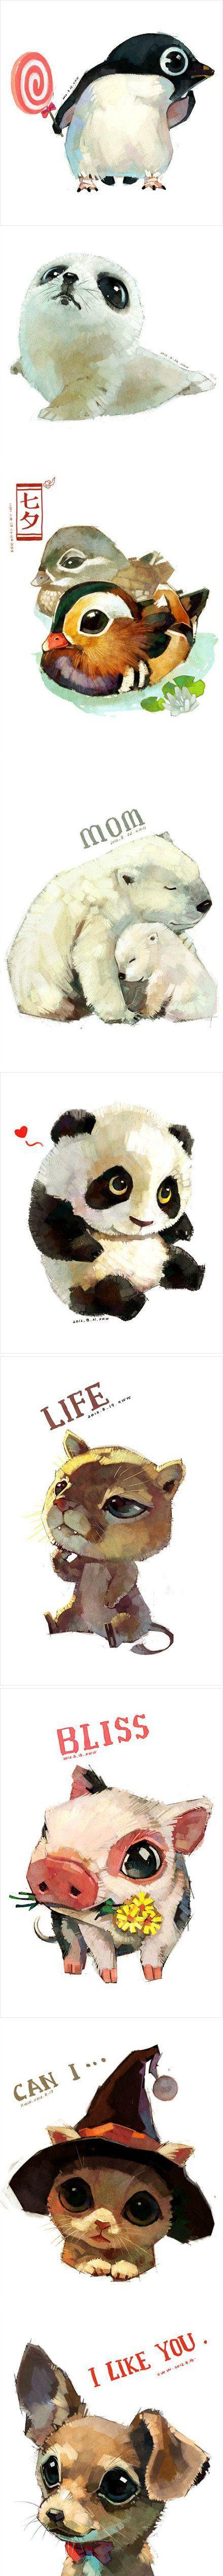 30 illustrations graphiques autour des animaux - Inspiration graphique #9...So cute animal♡